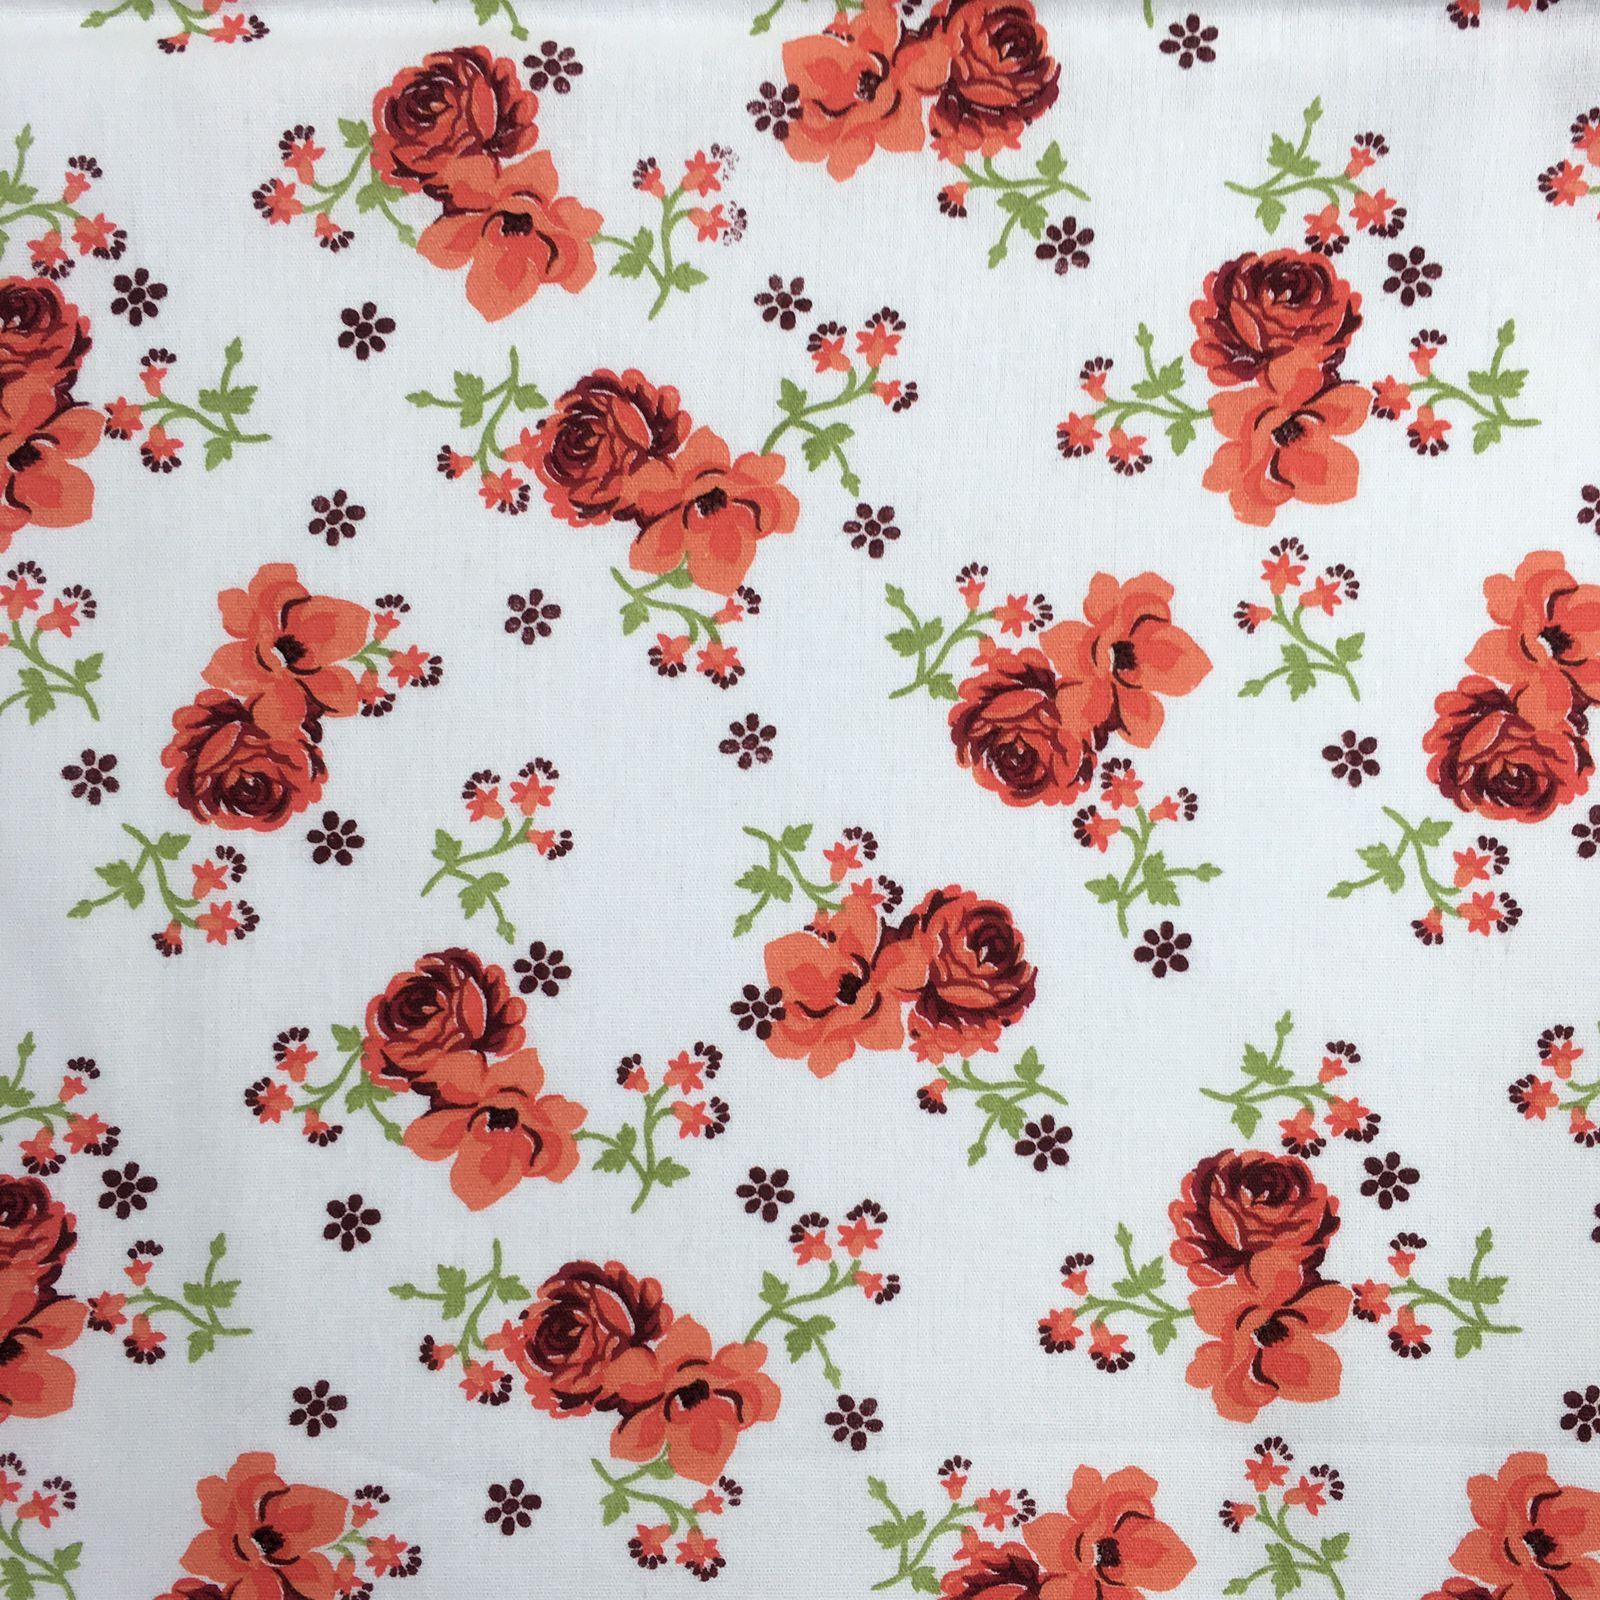 Tricoline Flores Laranja e Branco - 100% algodão - valor referente a 50 cm x 1,50 cm